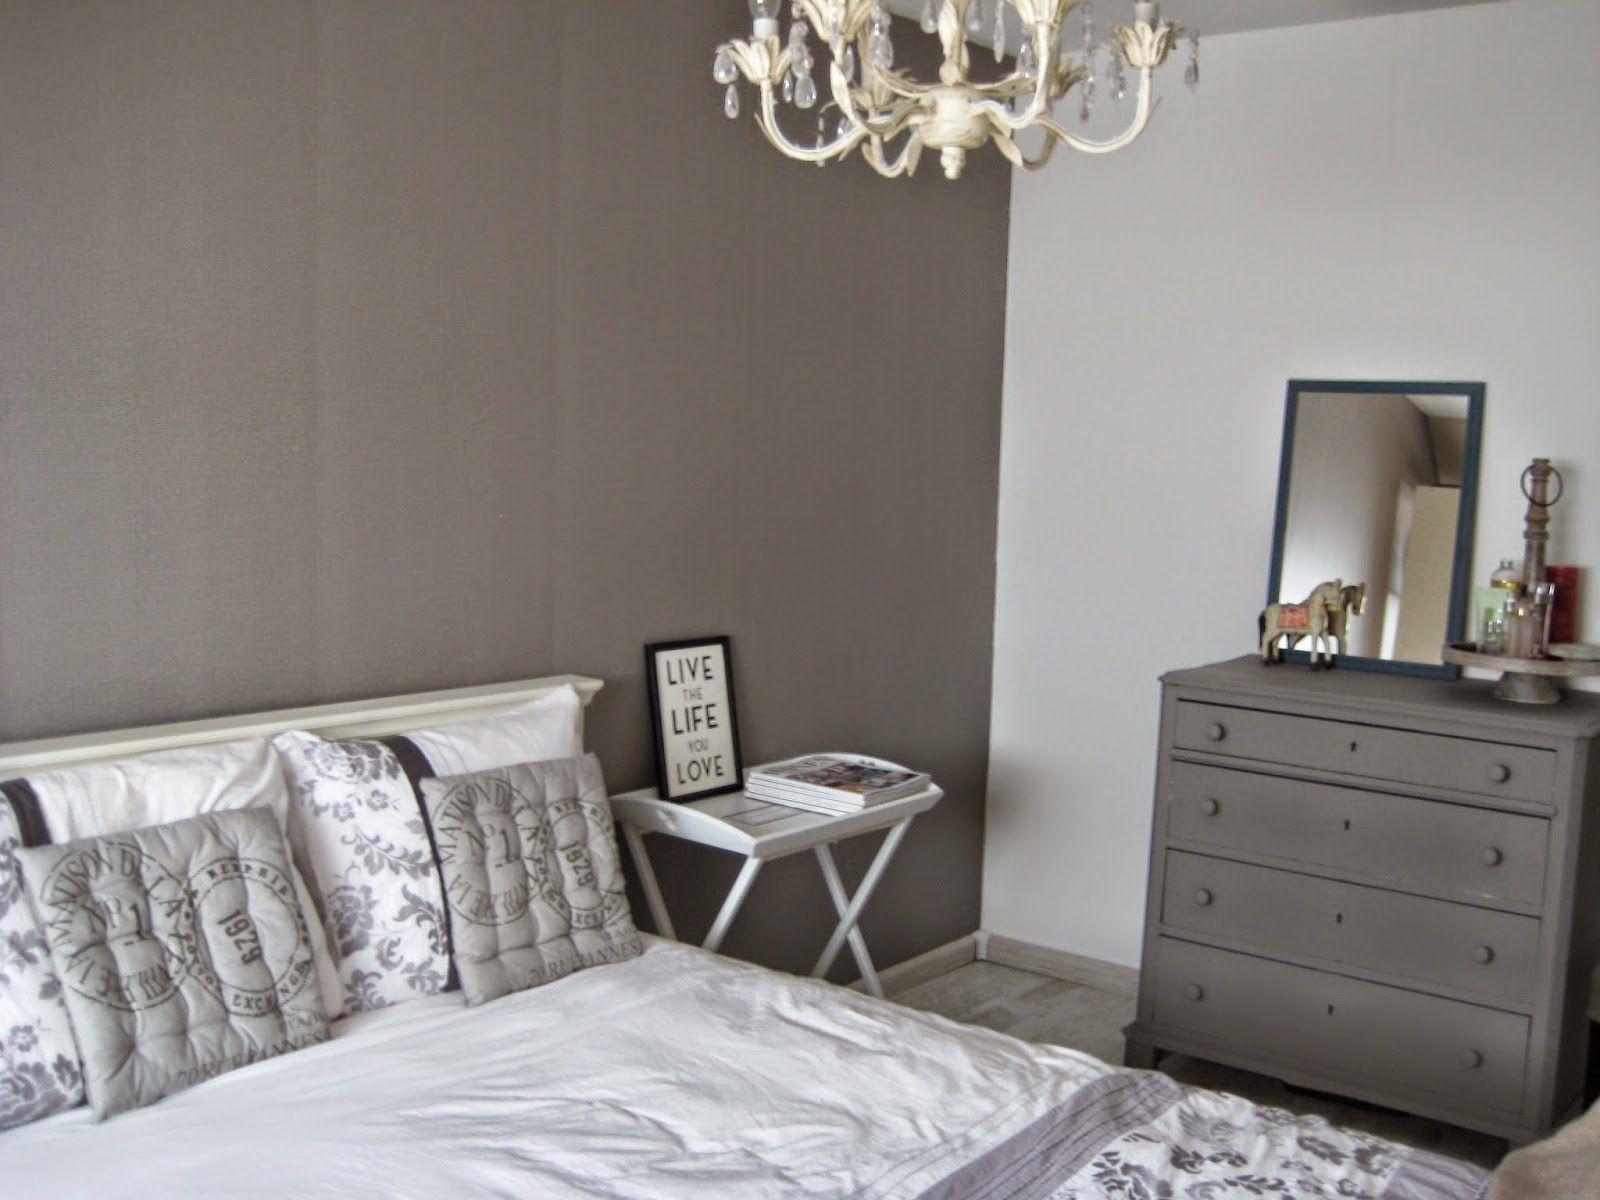 slaapkamer muur kleur elegant badkamer kleur muur slaapkamer kind muur kleur tot bruin